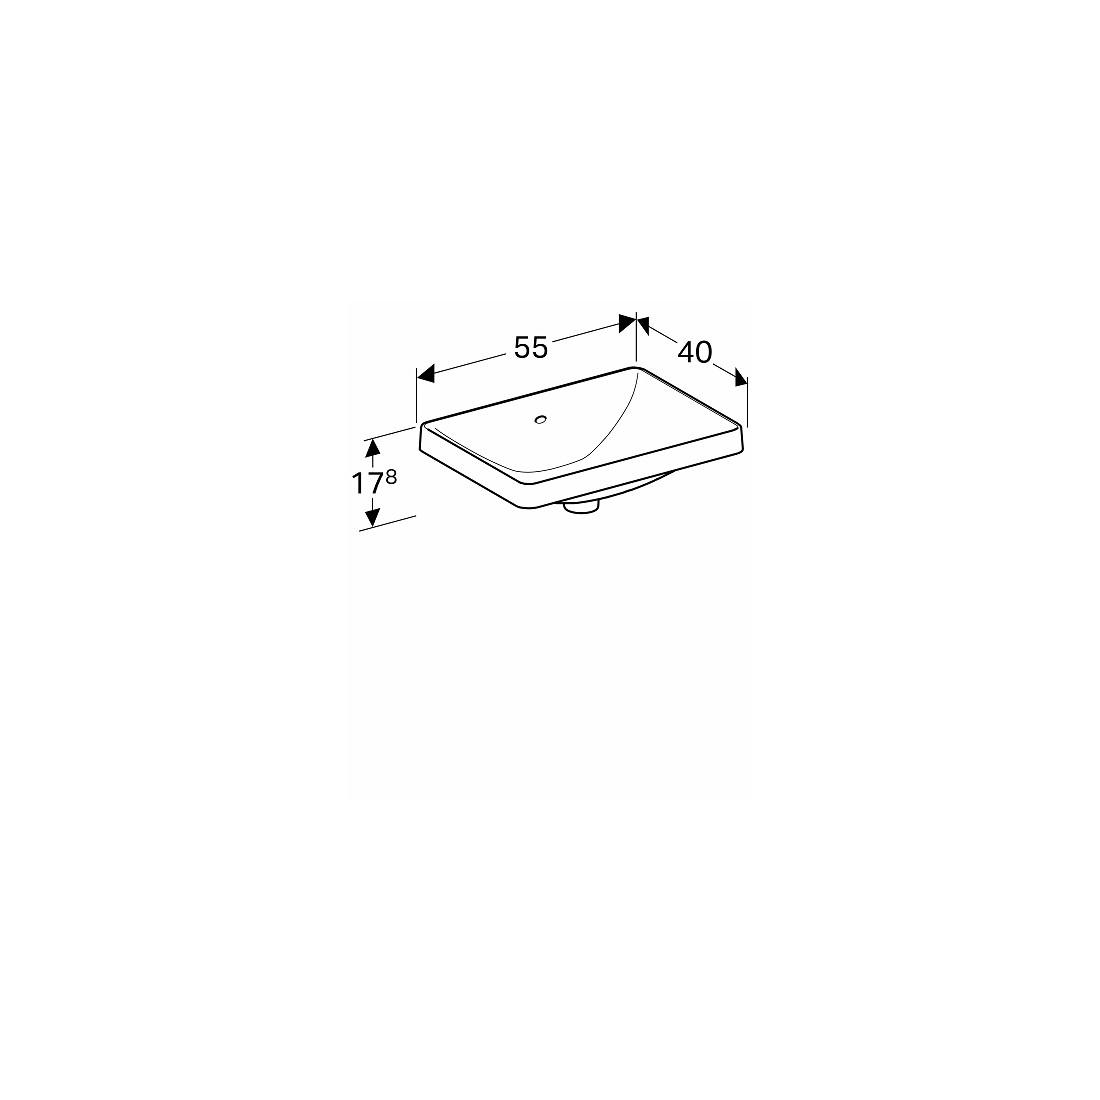 Įleidžiamas praustuvas Variform stačiakampis,  55x40